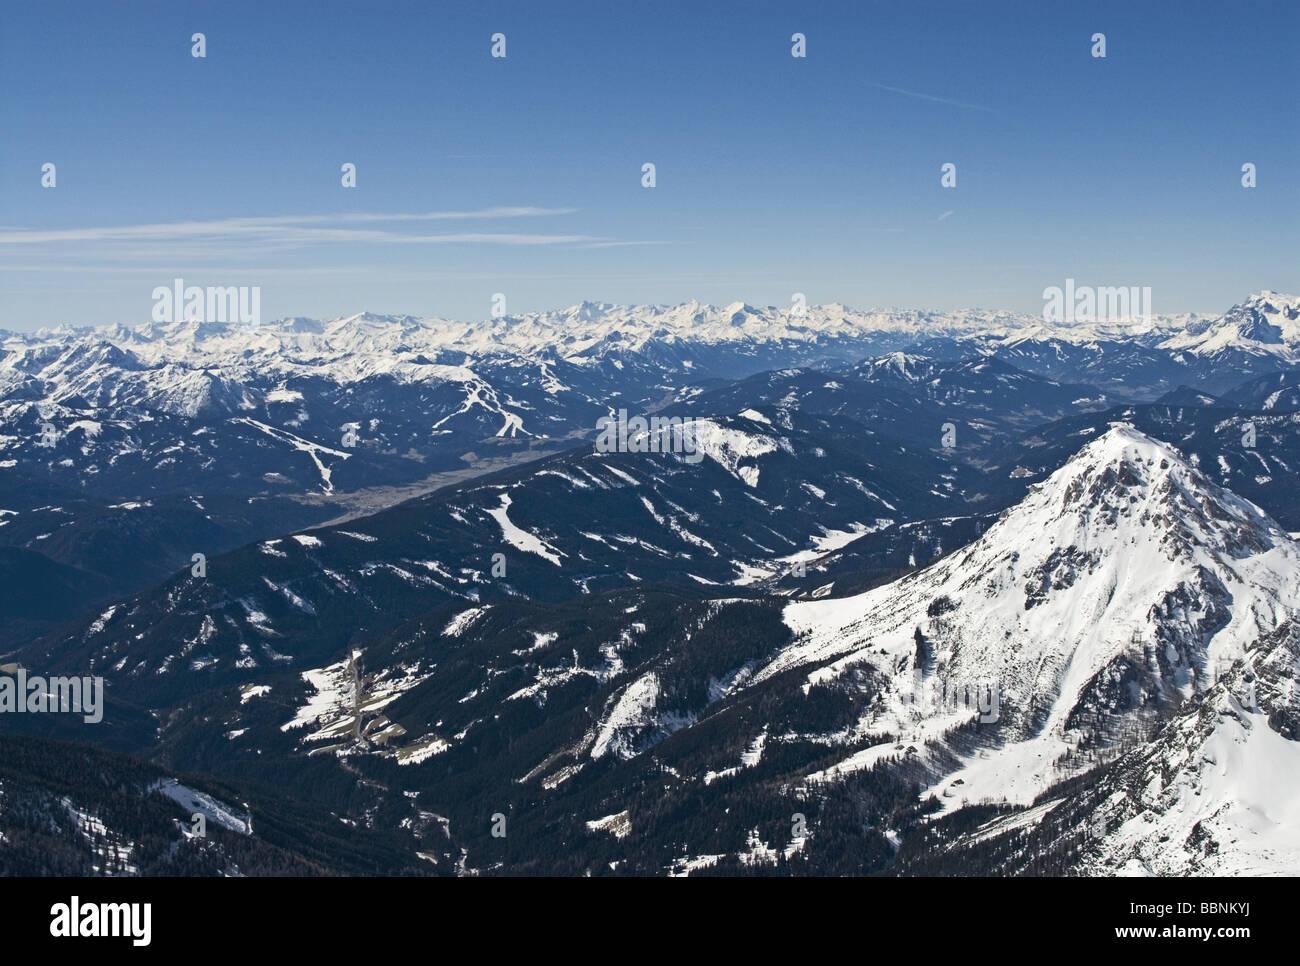 Geographie/Reisen, Österreich, Steiermark, Landschaften, Dachsteinmassiv, Dachsteingletscher (2700 m), Übersicht, Stockbild